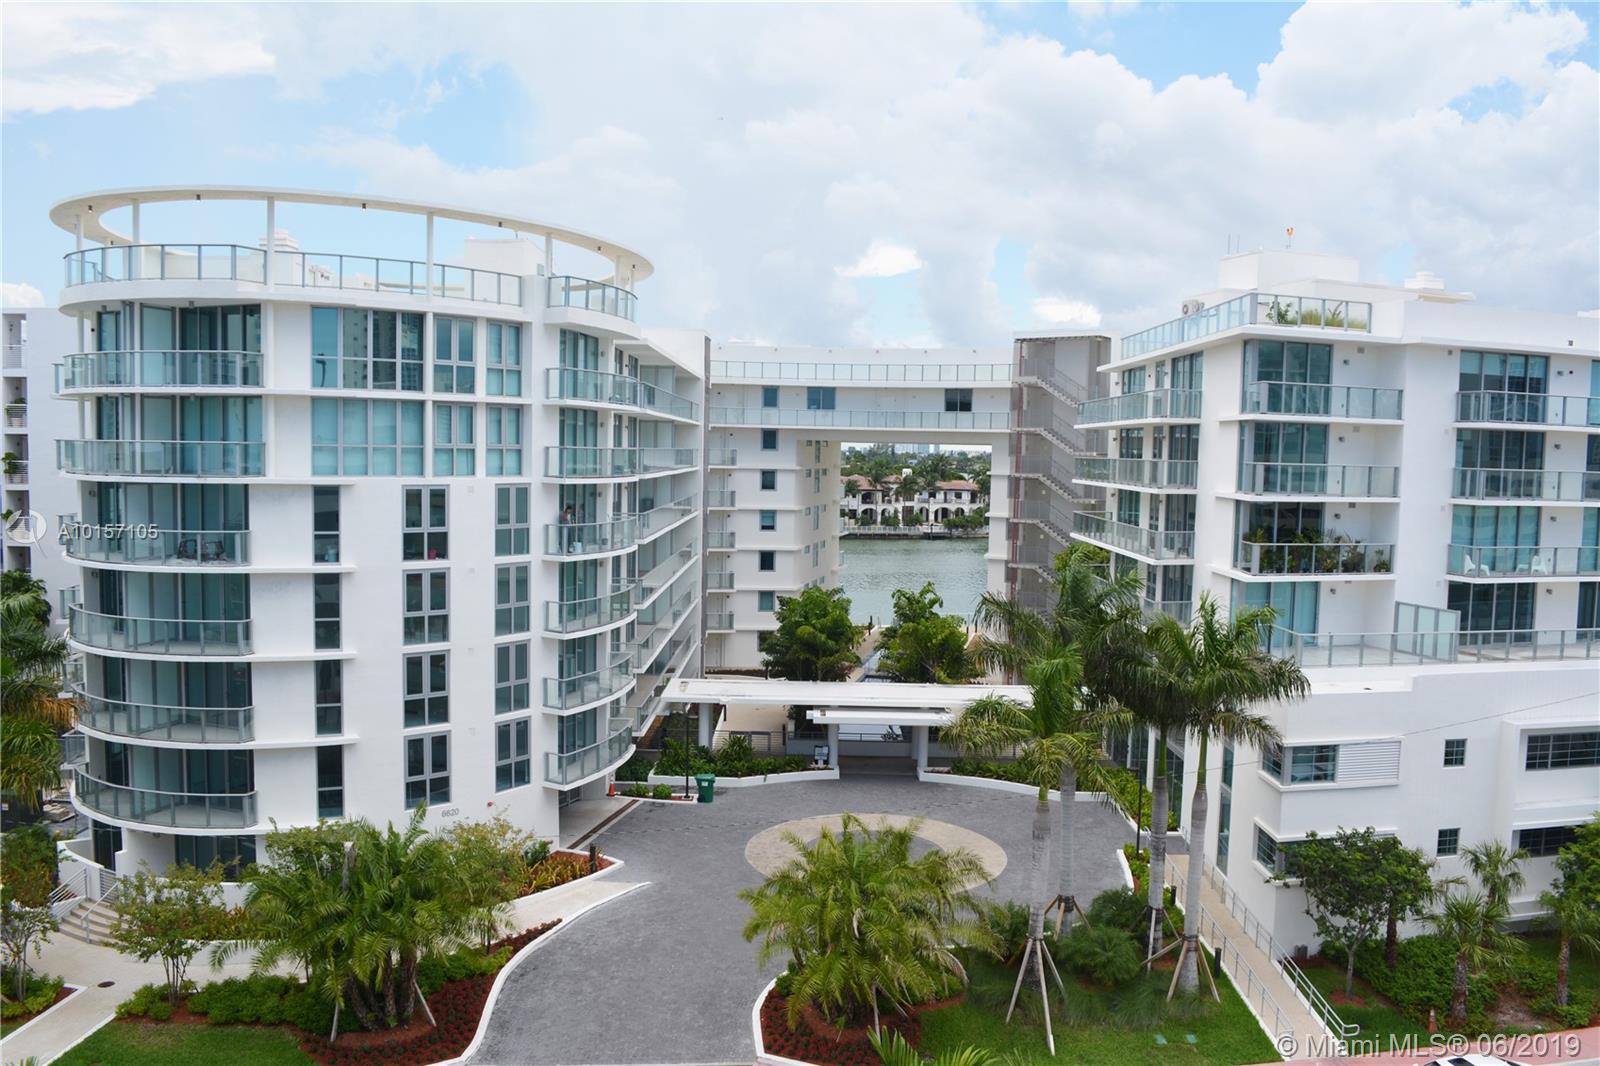 6620 INDIAN CREEK DR. # 416, Miami Beach FL 33141